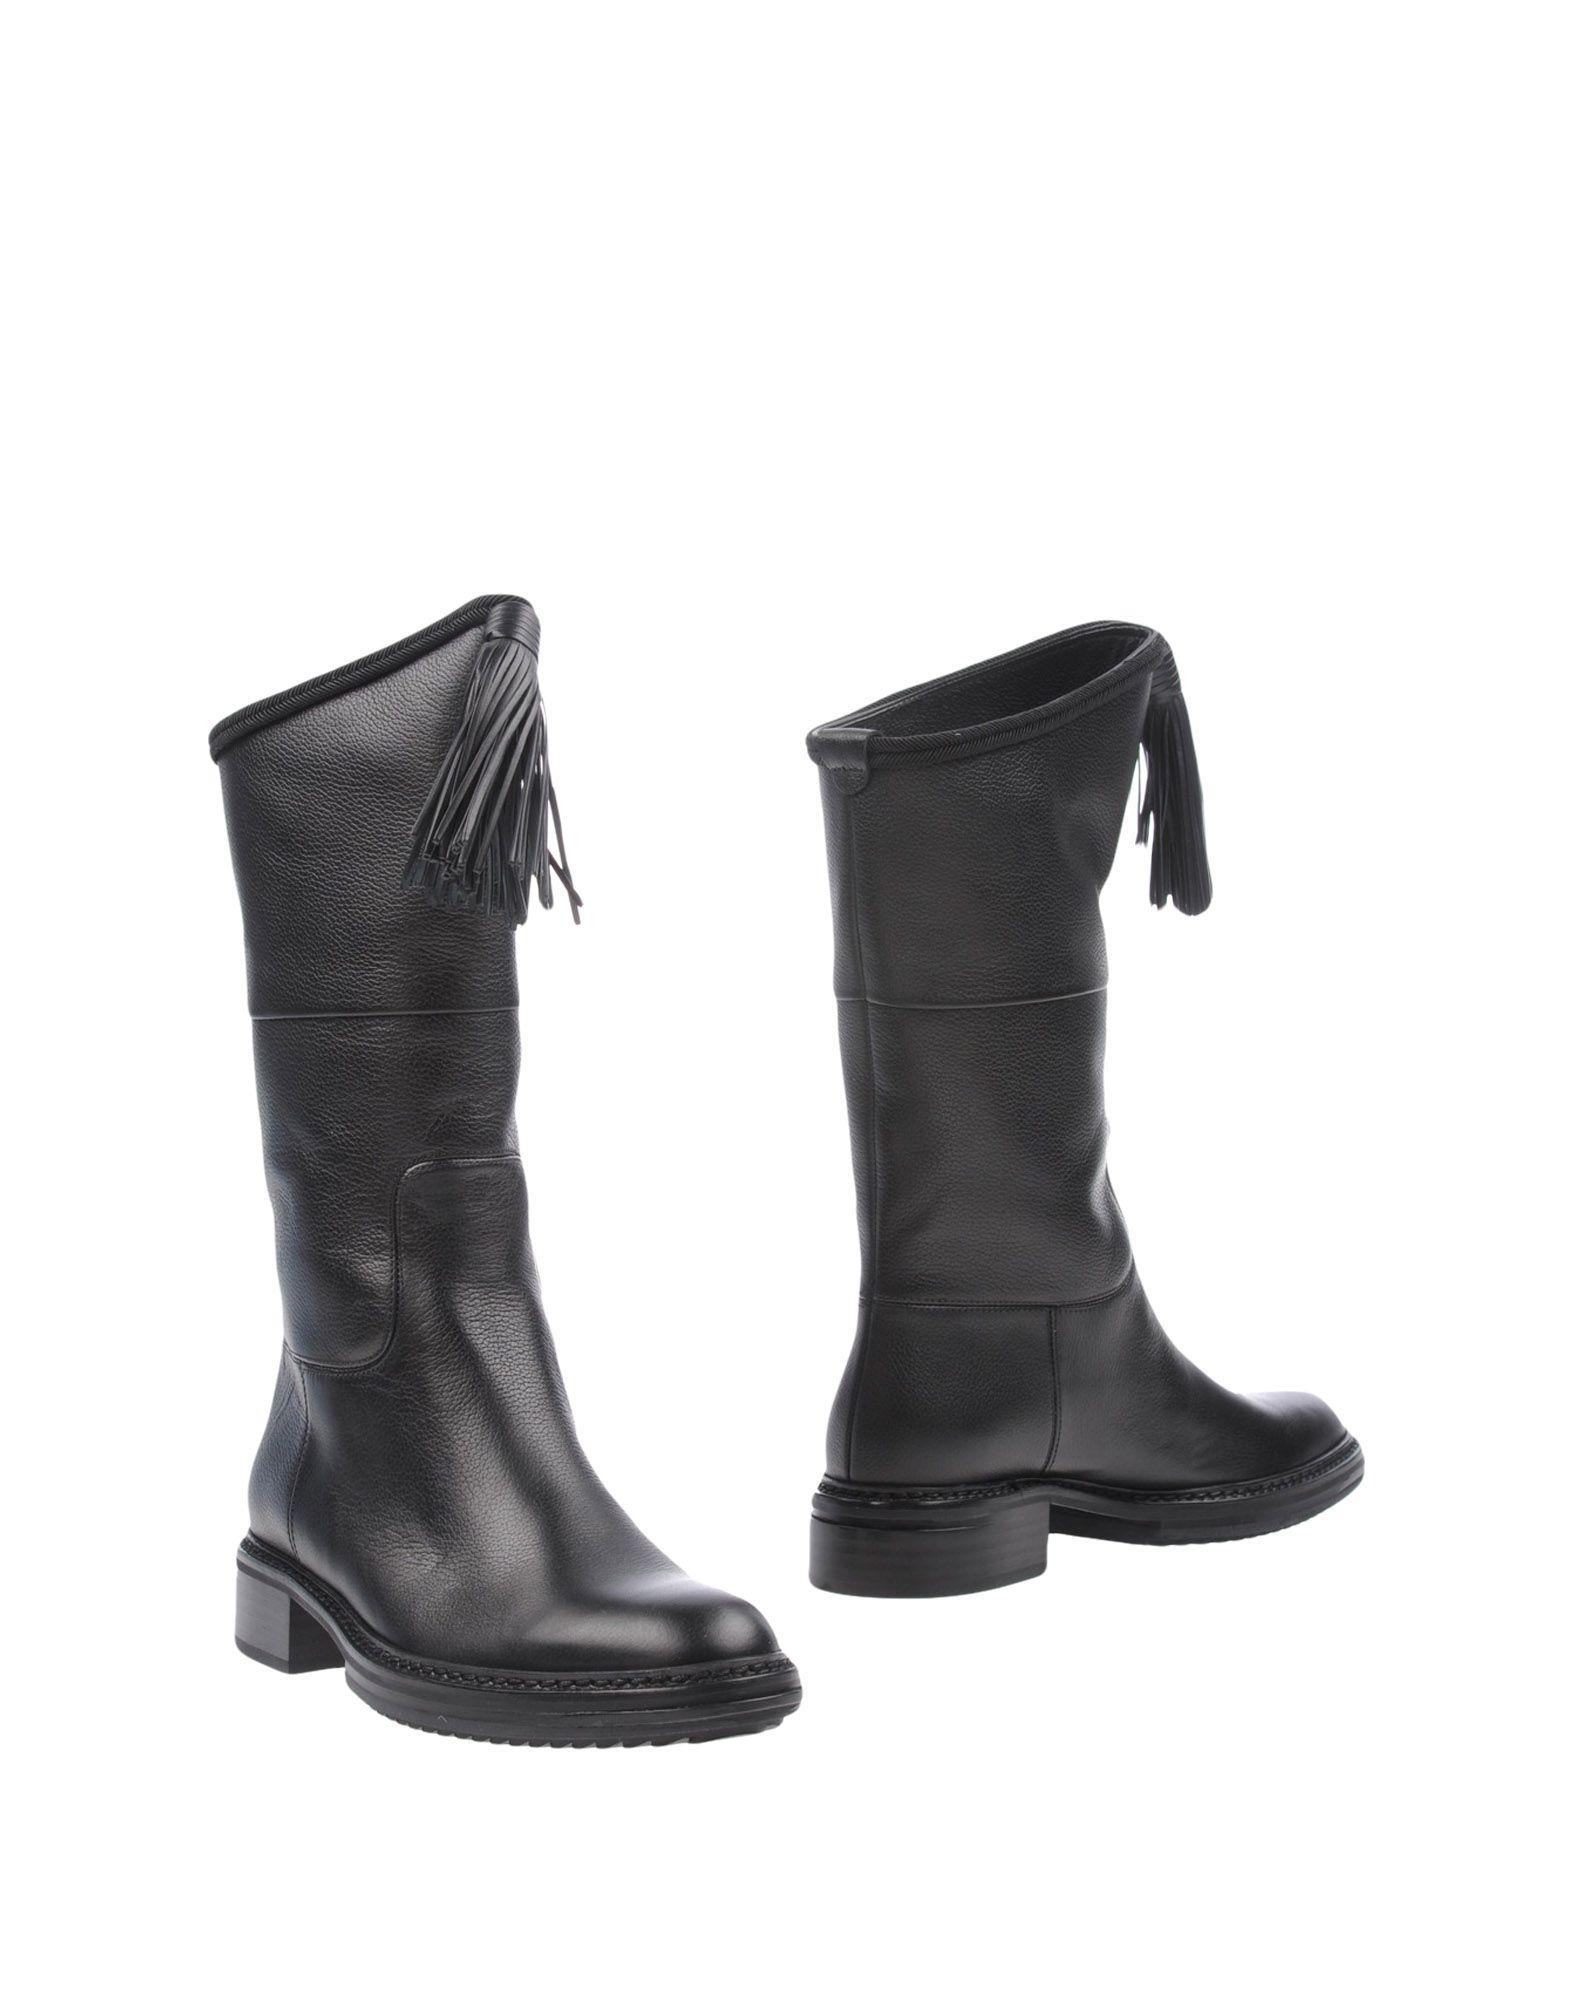 Stivali Lanvin Donna - 11226151HF Scarpe economiche e buone